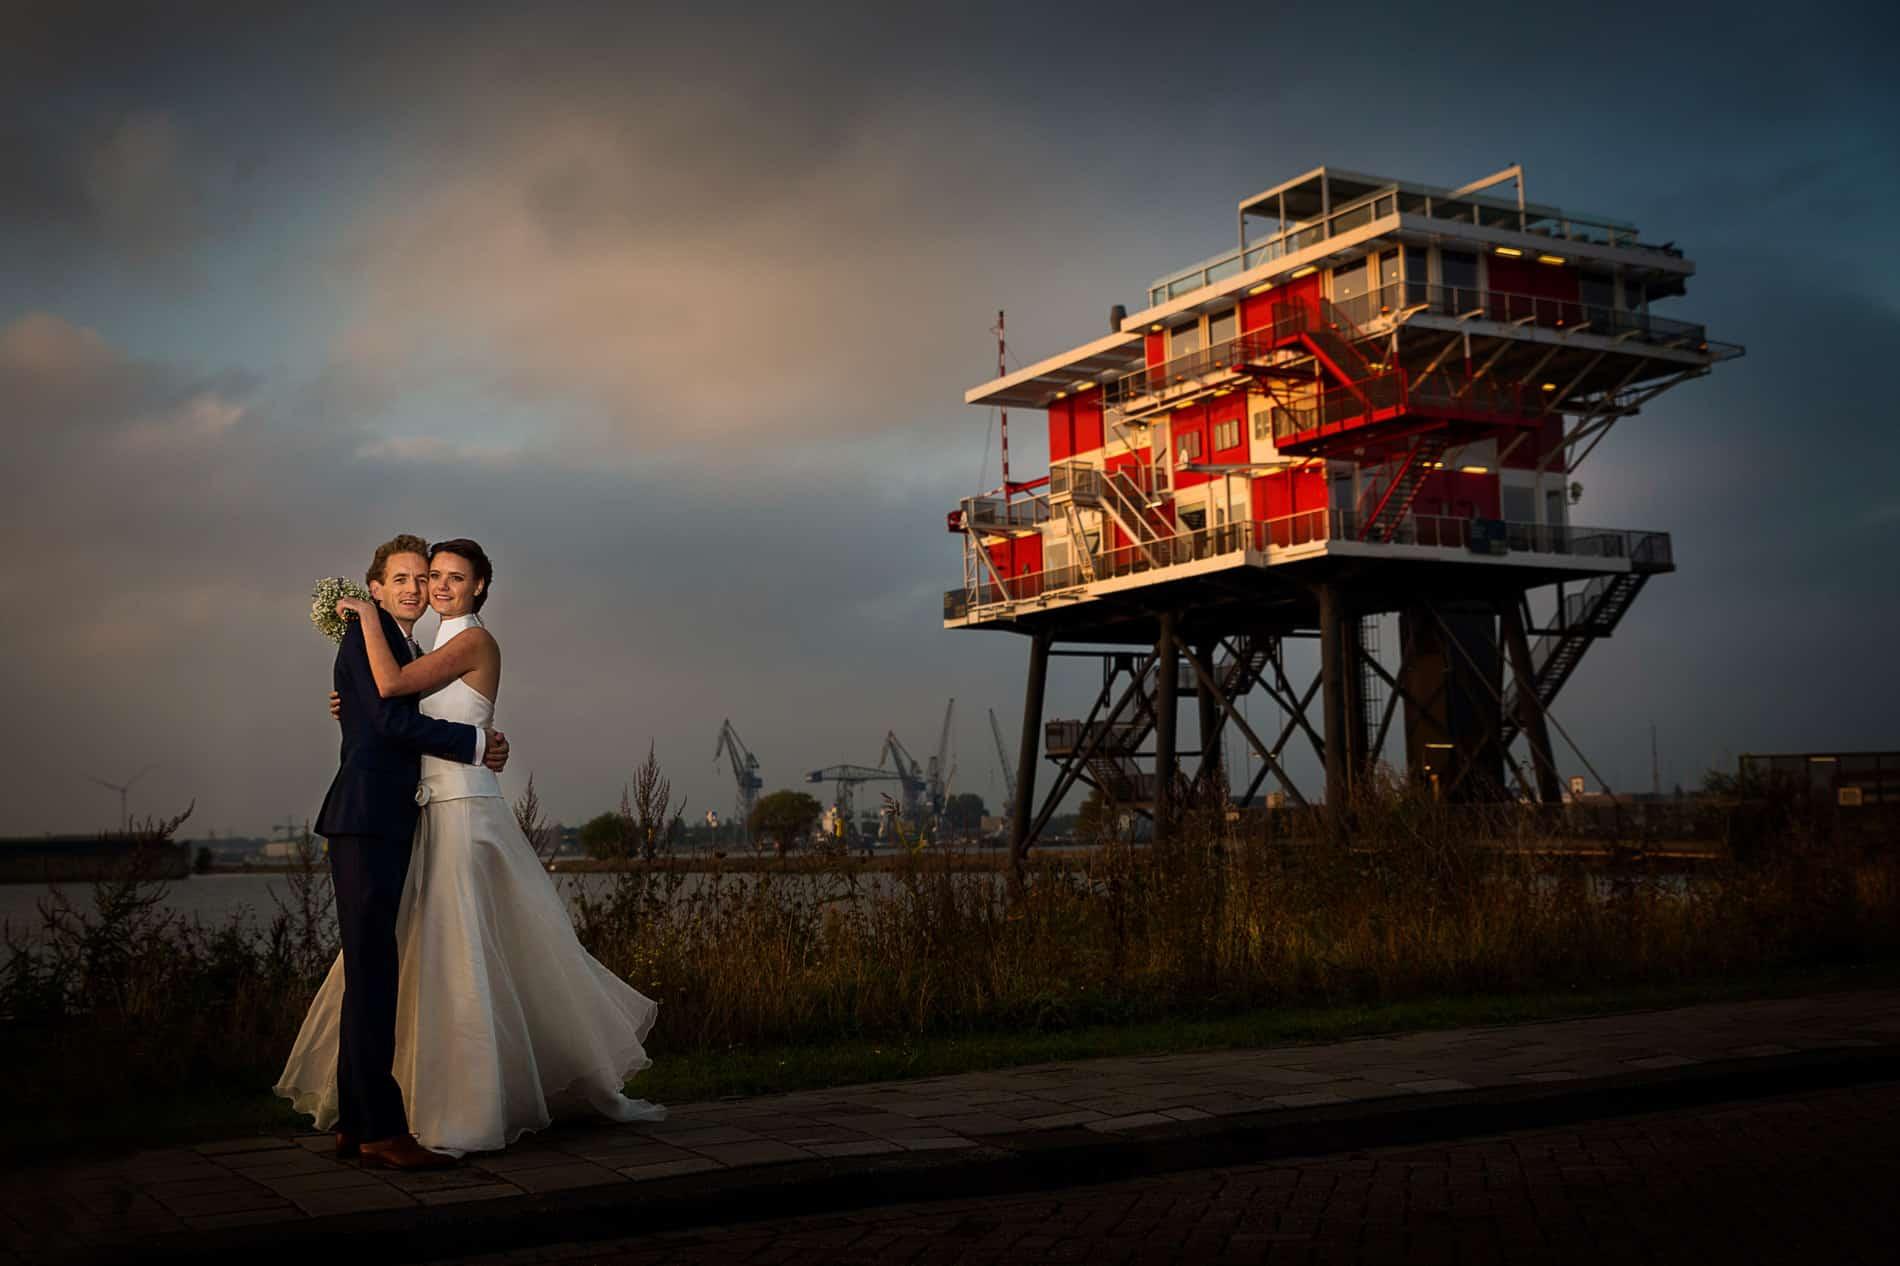 fotograaf Amsterdam huwelijk